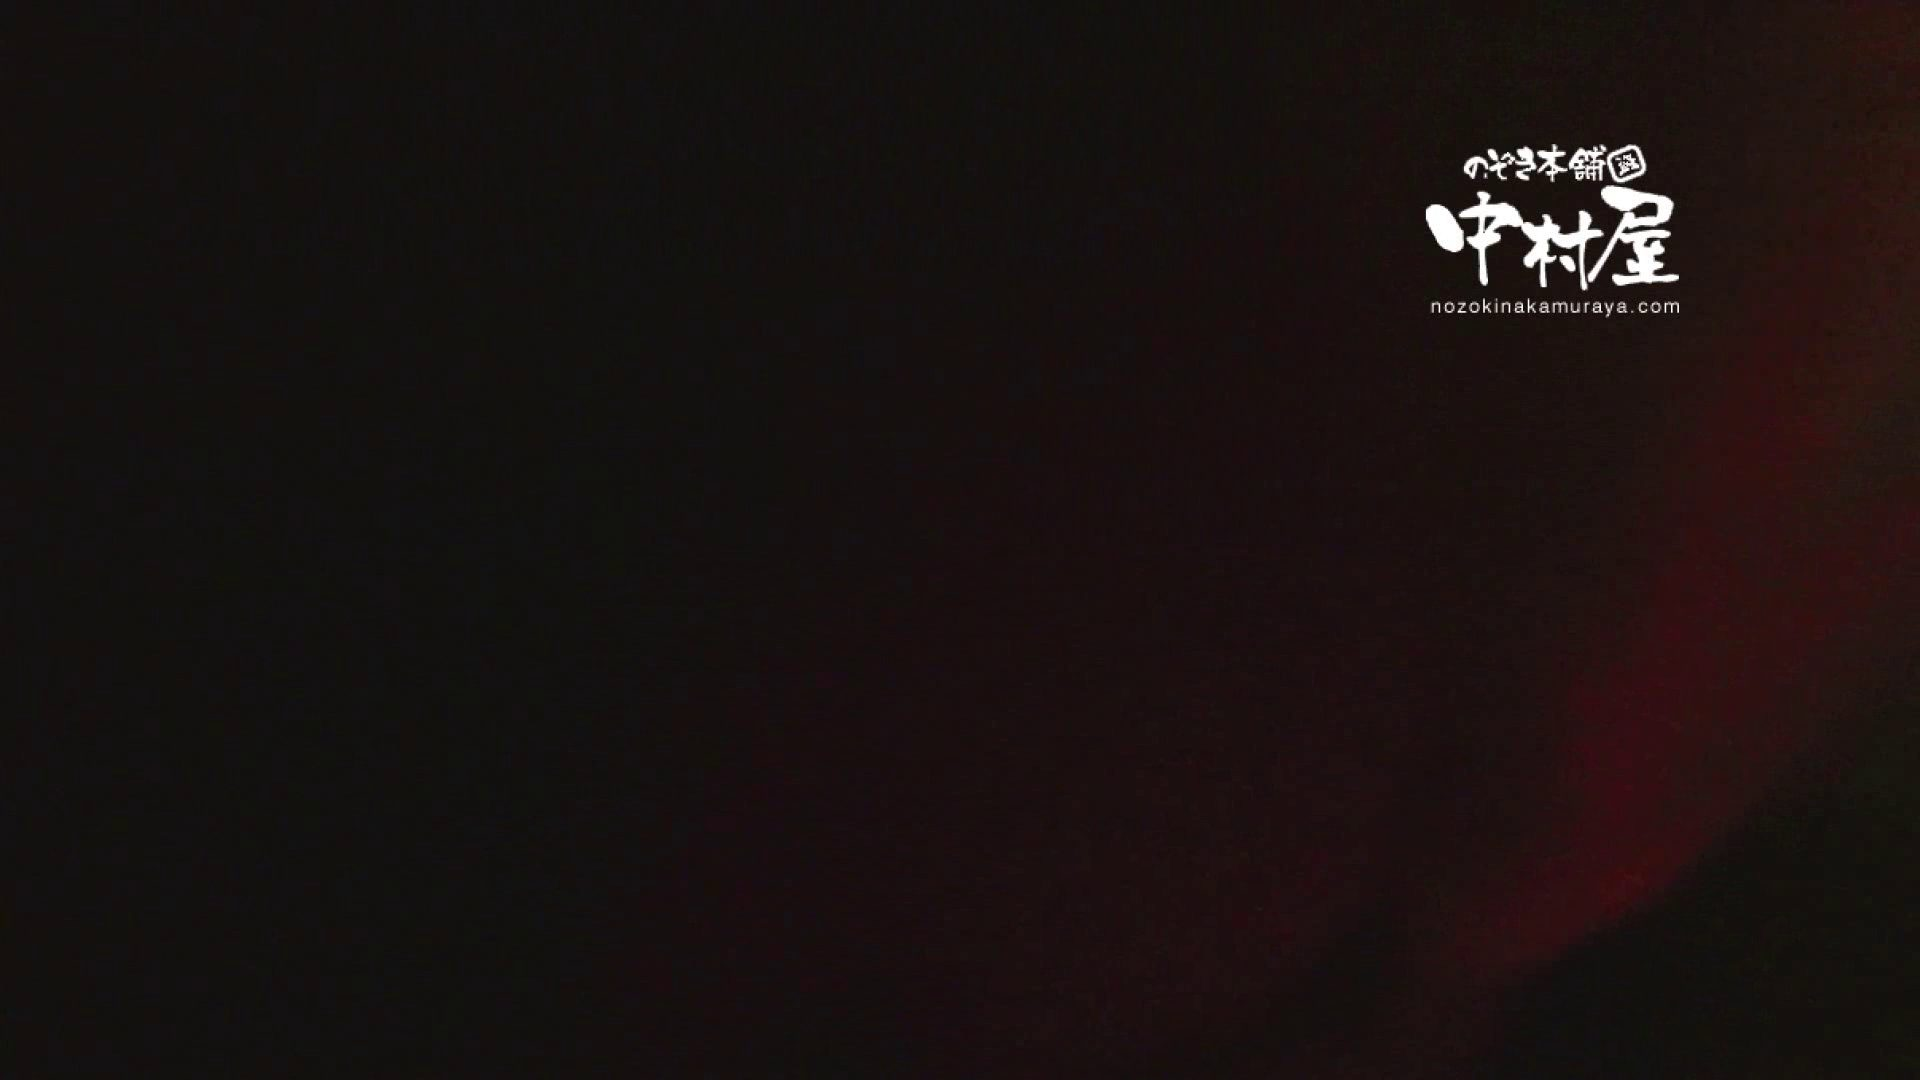 鬼畜 vol.18 居酒屋バイト時代の同僚に中出ししてみる 前編 OLエロ画像 のぞき濡れ場動画紹介 73PICs 17